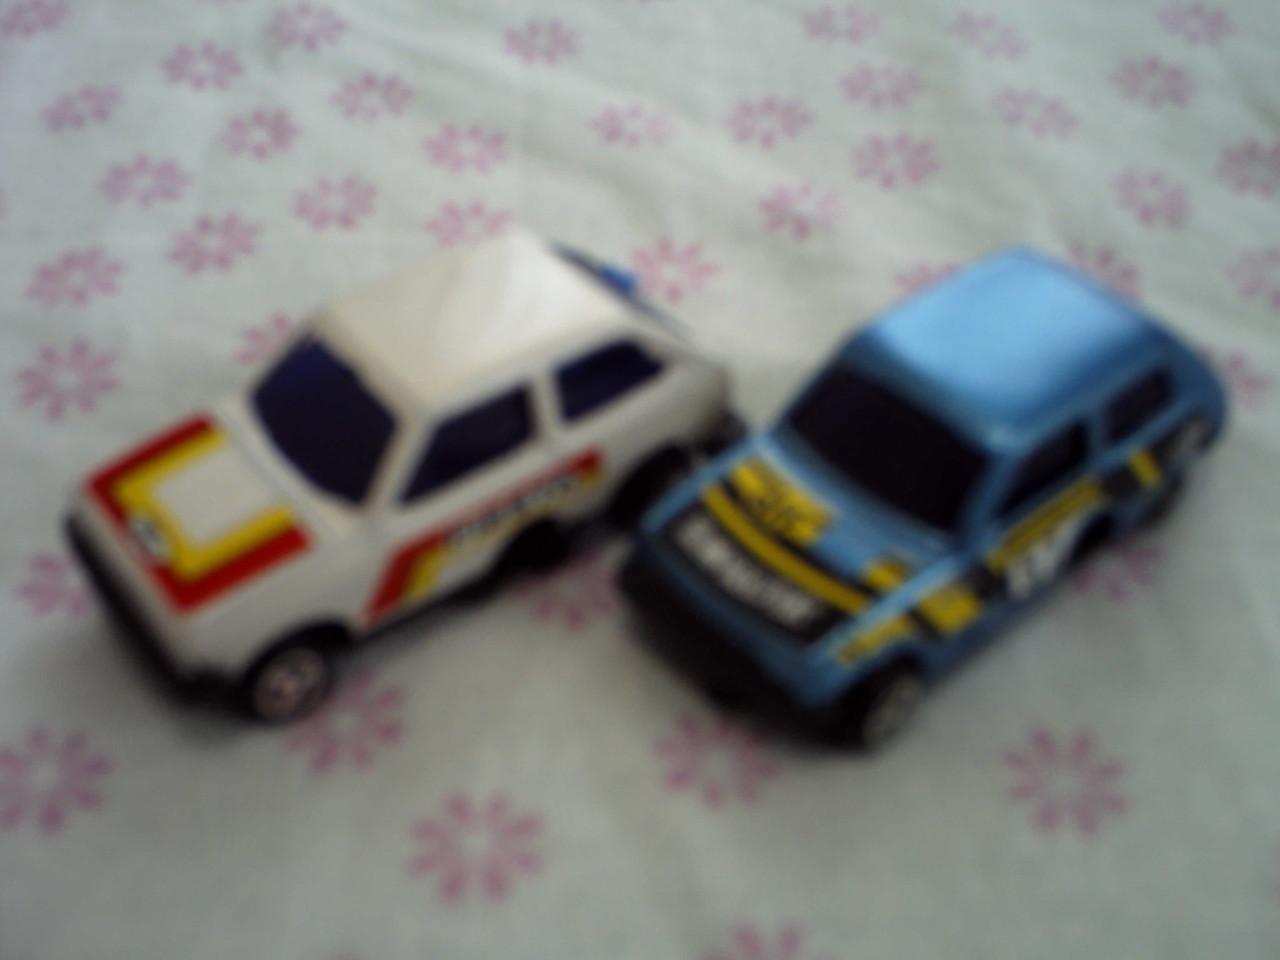 SpainPágina Que 70 Miniaturas Tengo De Made In Los Otras Años 4q5AScj3RL